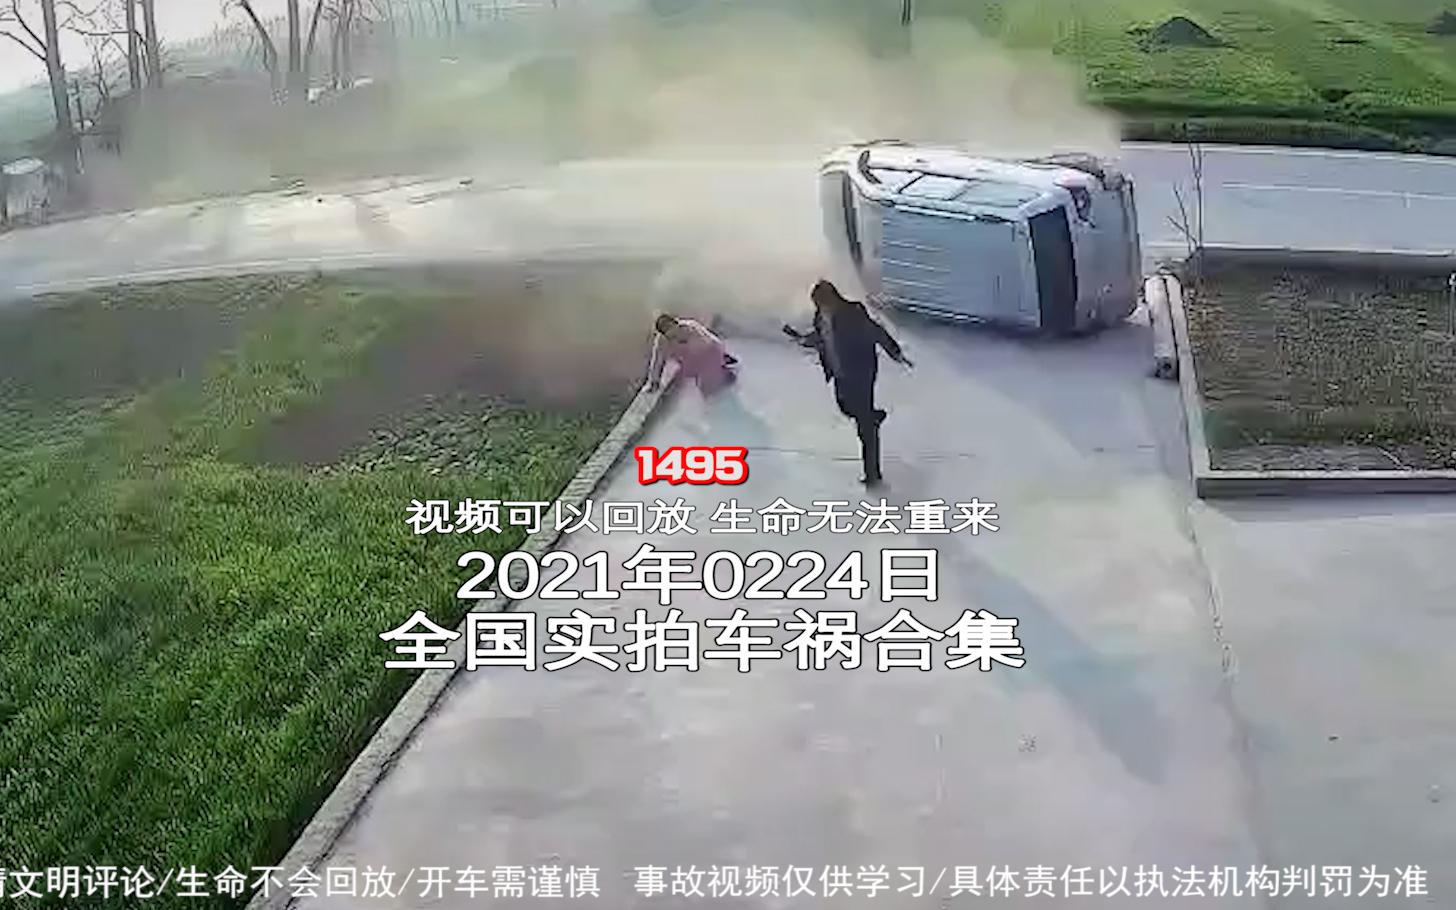 1495期:小车撞飞变道摩托车后又遭对向大车迎面撞击【20210224全国车祸合集】